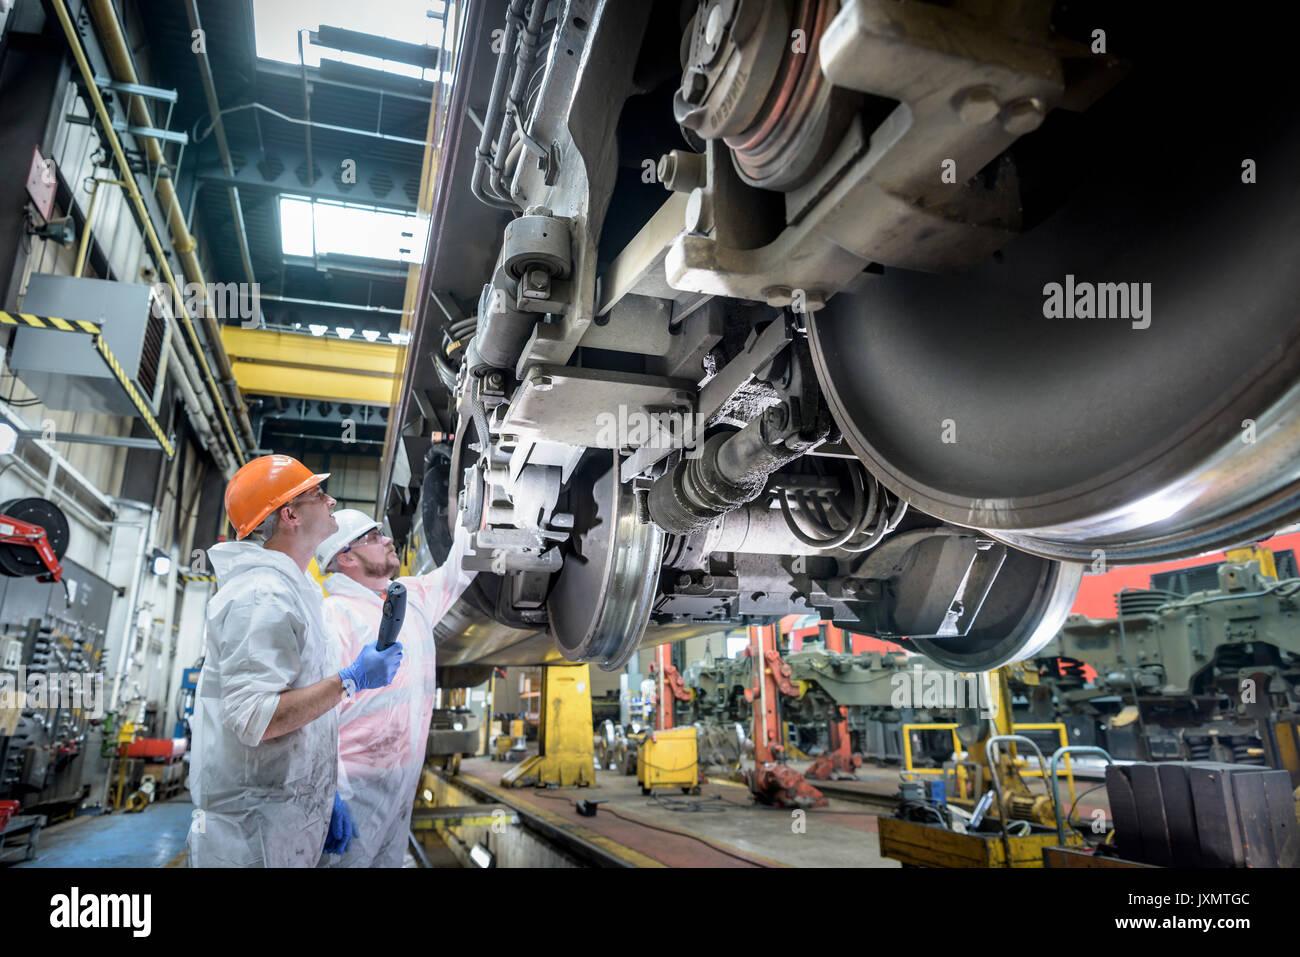 Locomotiva ingegneri che lavorano sulla locomotiva nel treno funziona Immagini Stock